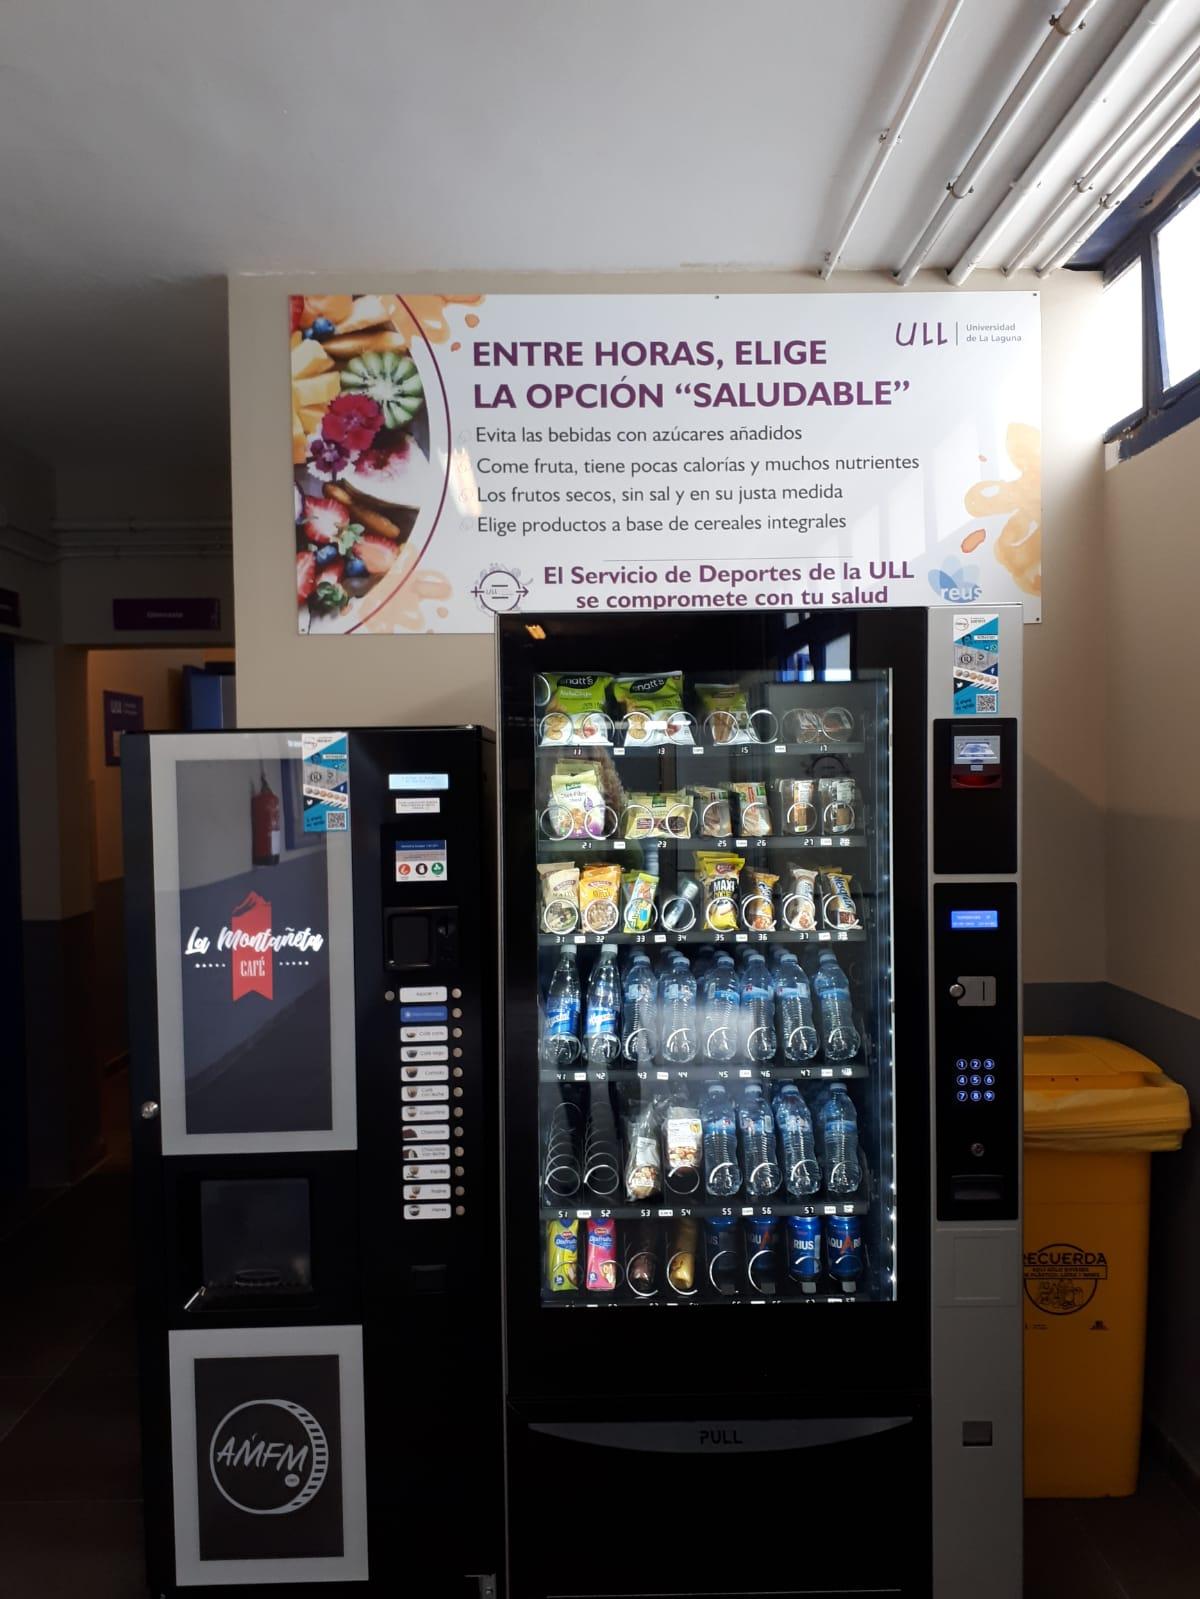 Máquina expendedora en el Servicio de Deportes de la ULL